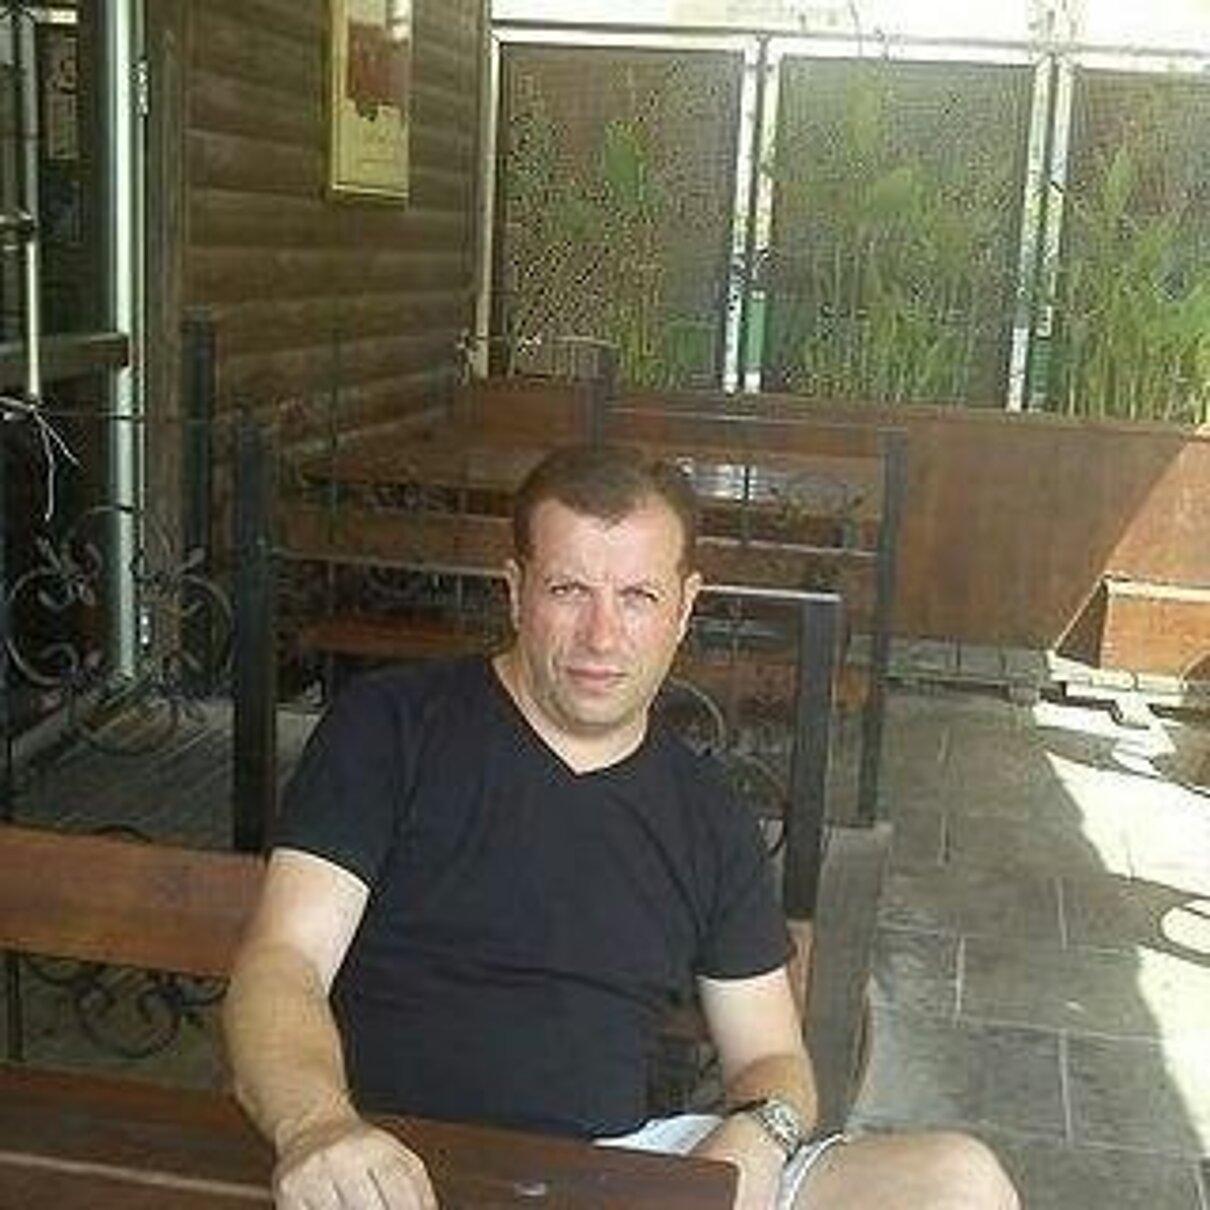 Жалоба-отзыв: Мошенашвили Александр Меирович - Мошенник, жулик.  Фото №1